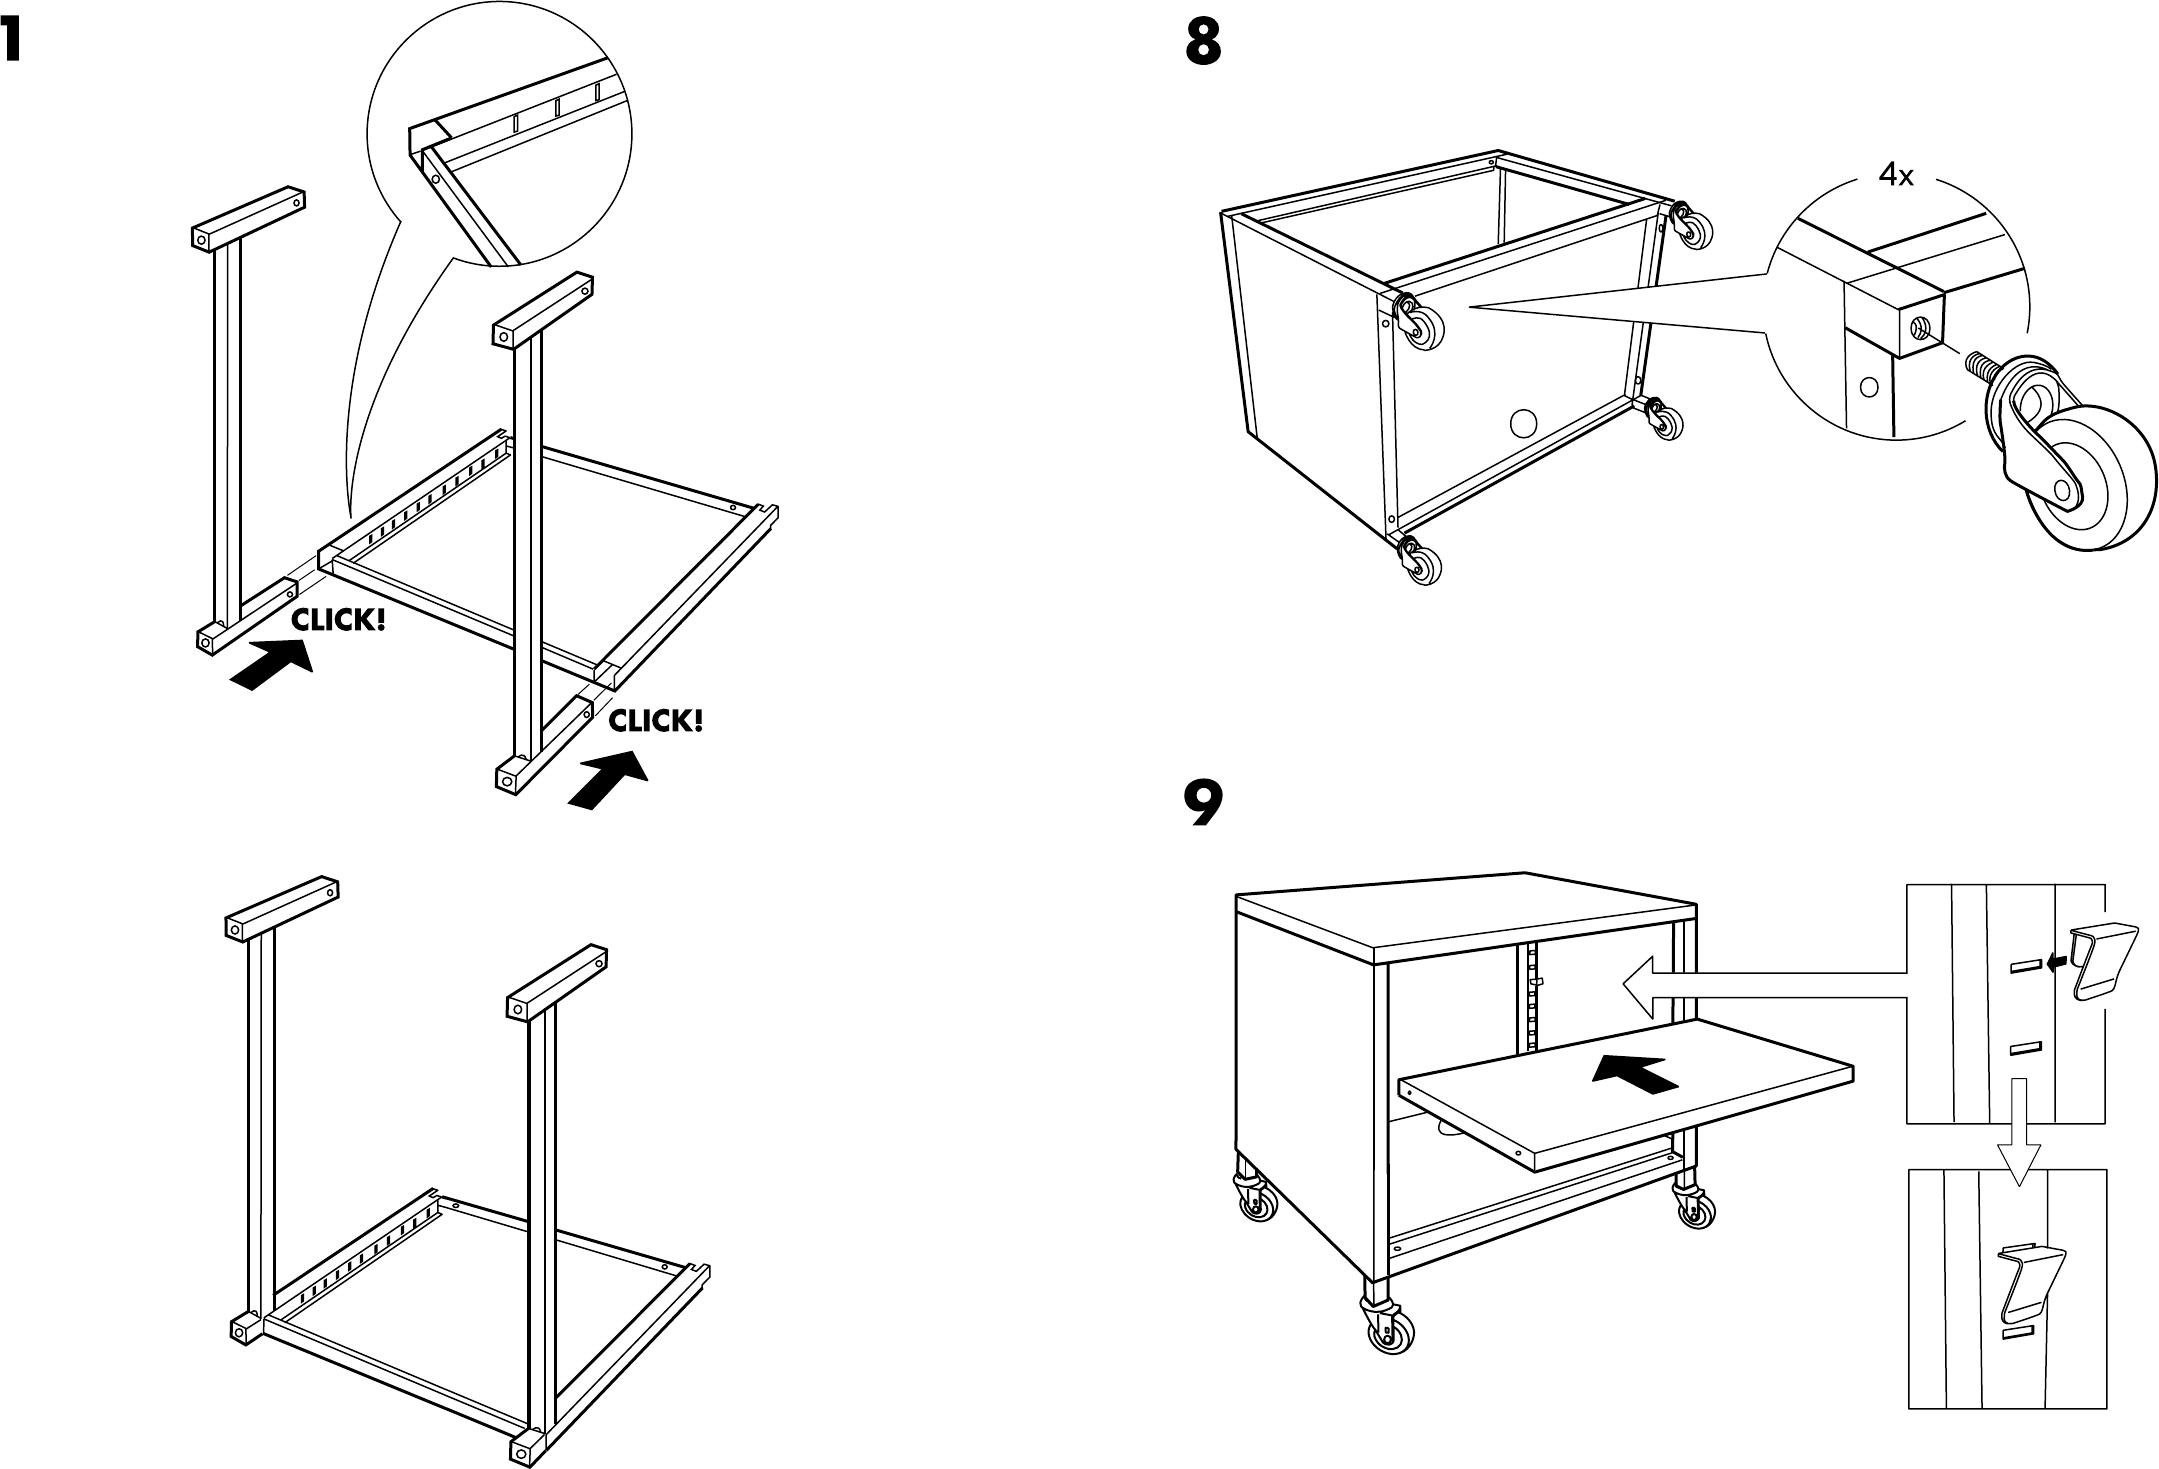 Jugendzimmer Mit Ikea Einrichten ~ Handleiding Ikea PS kast op wielen (pagina 4 van 6) (Dansk, Deutsch